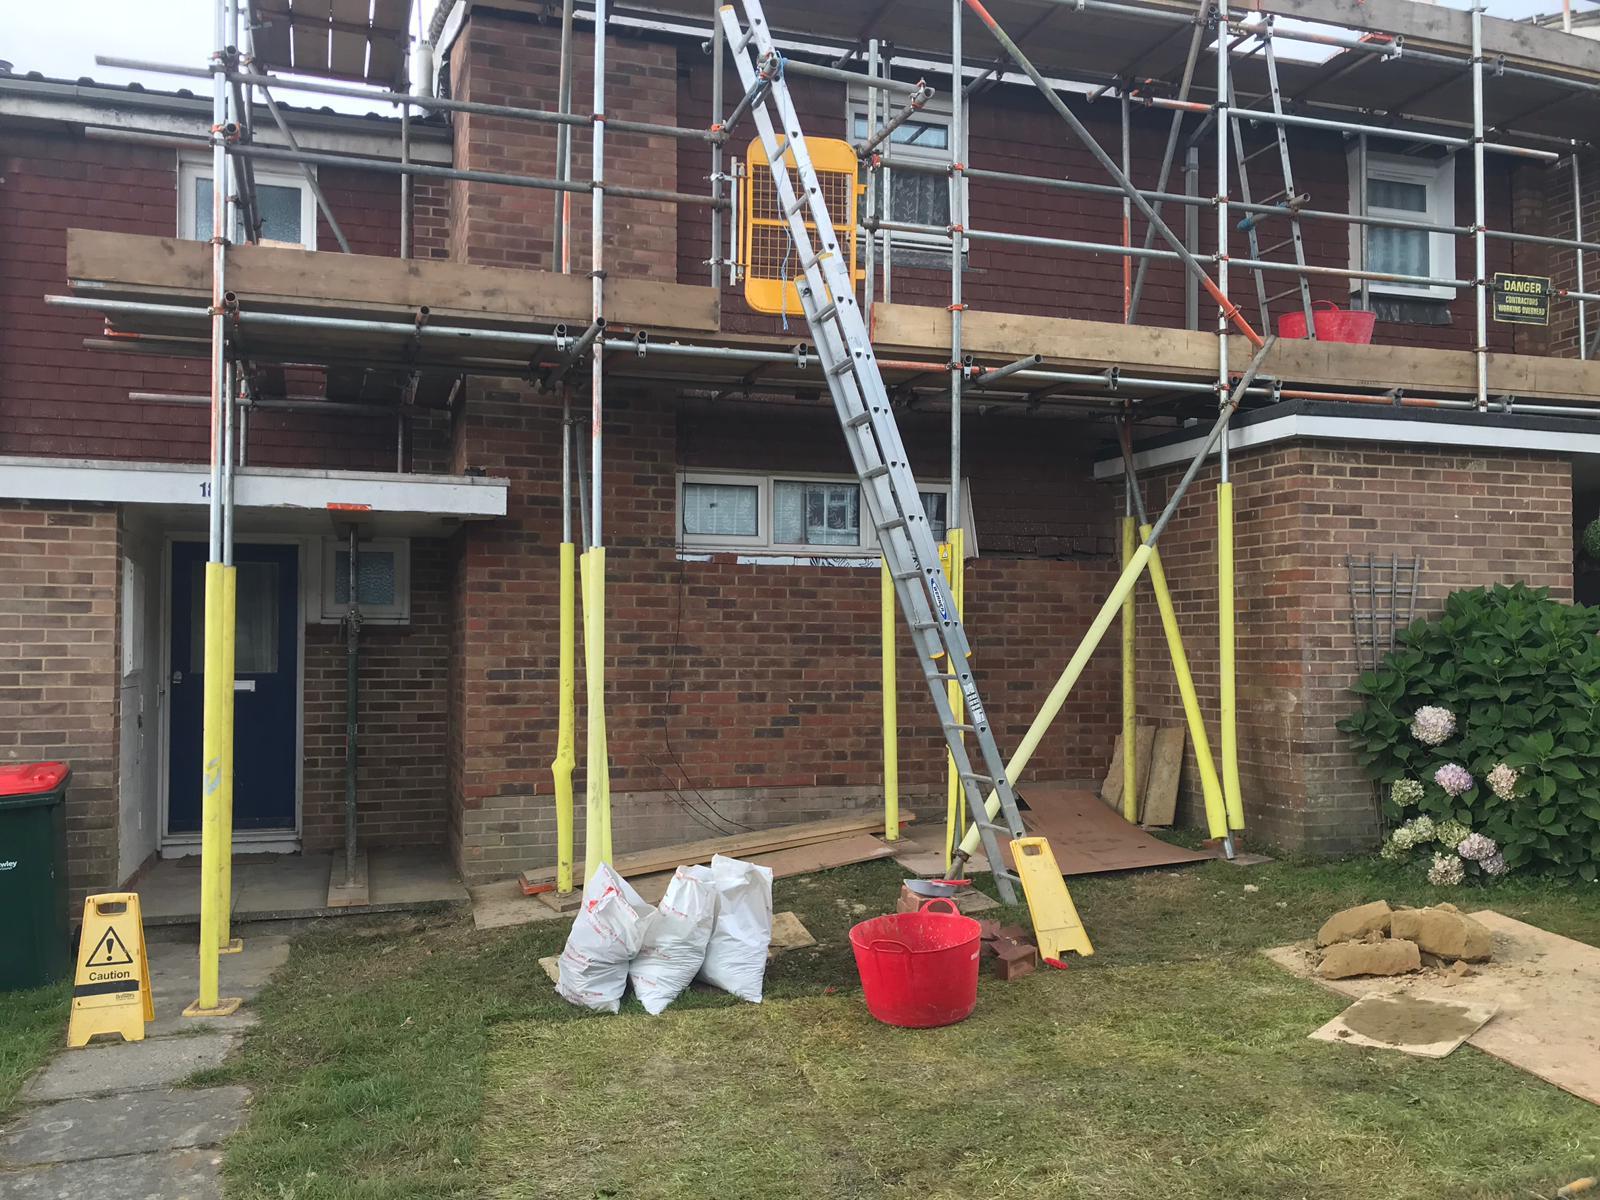 Brick house after renovation